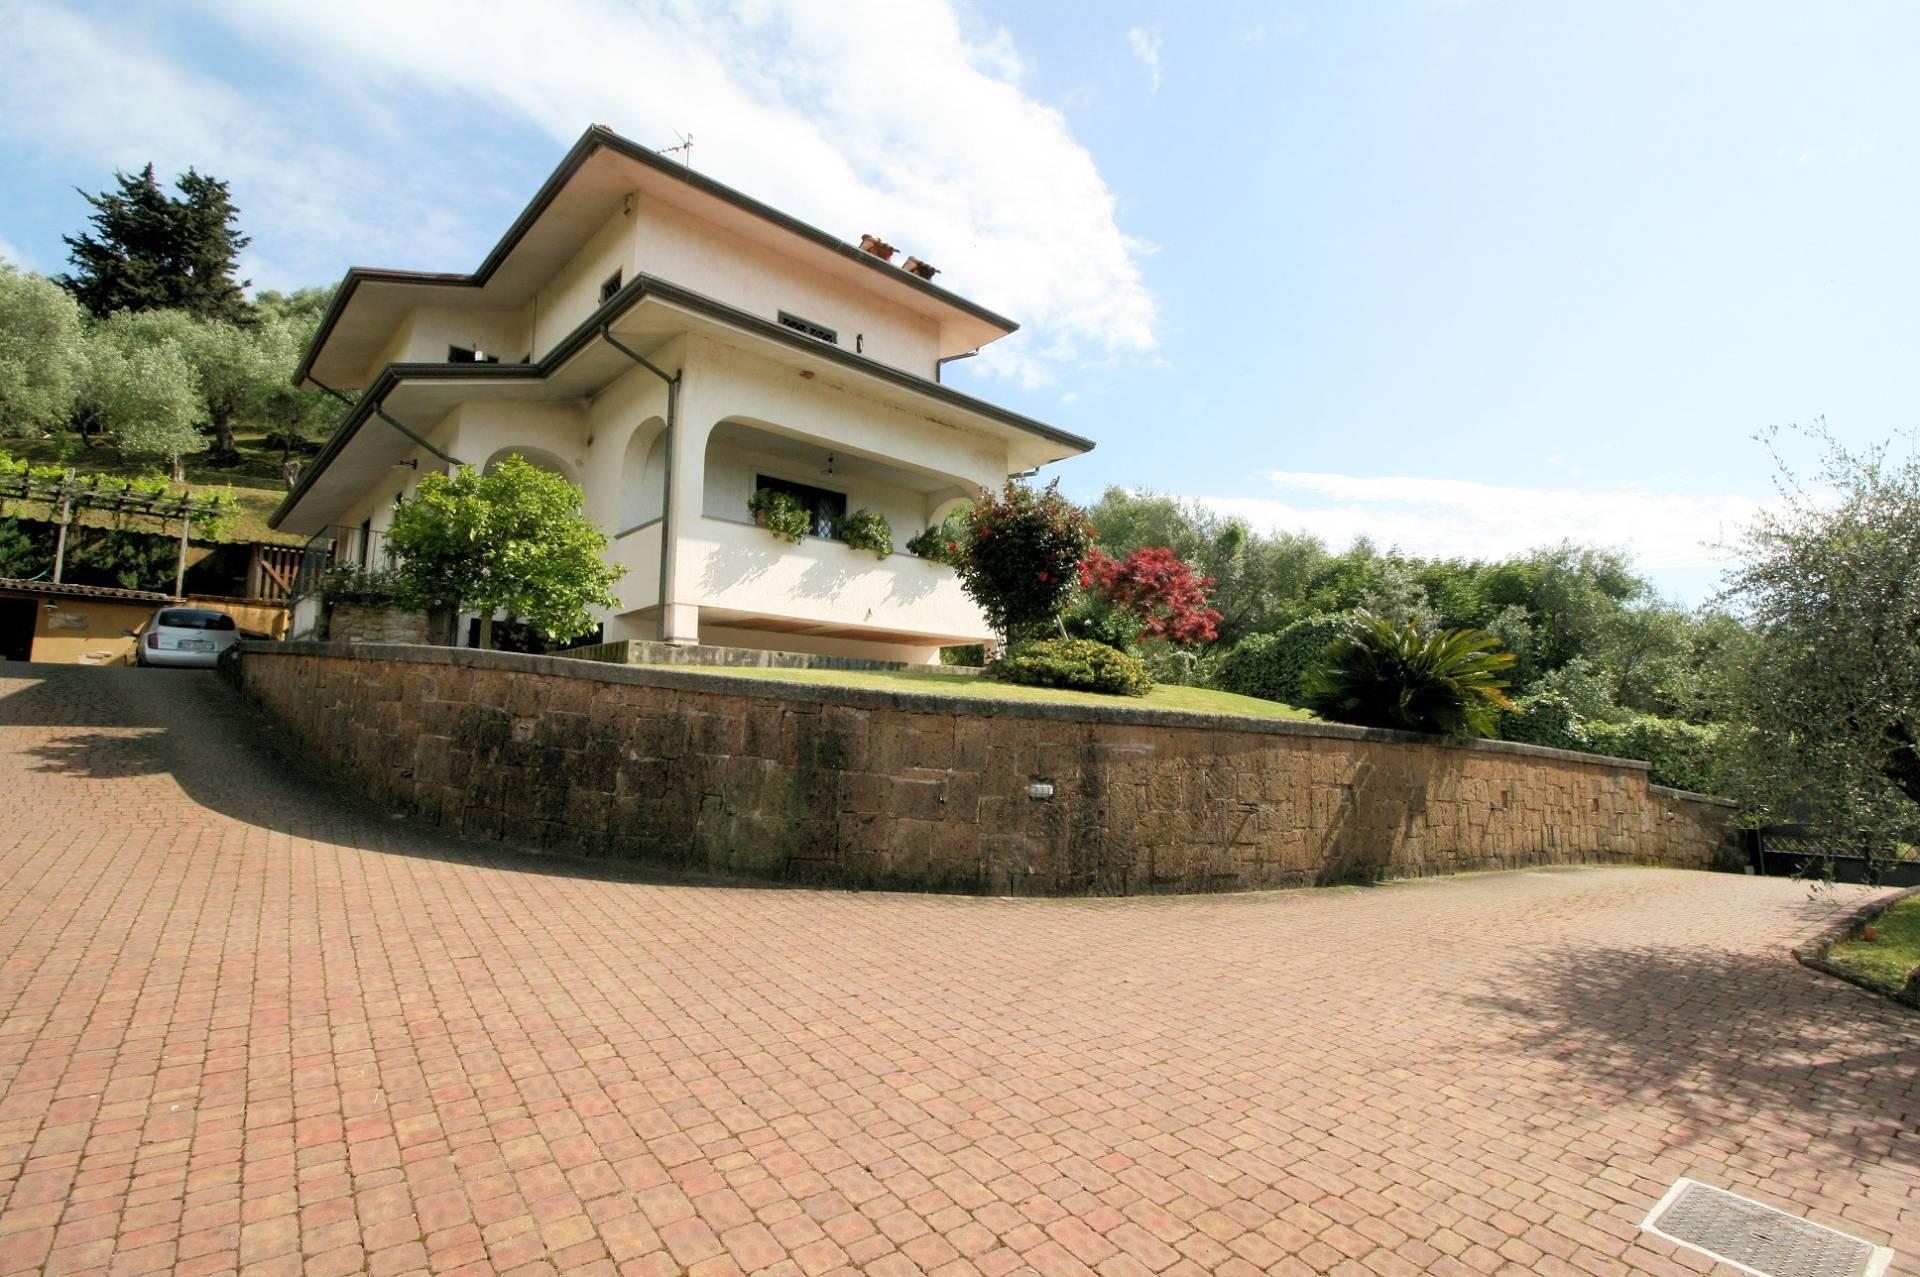 1252-Graziosa villa singola di ampia metratura con vista panoramica  e giardino-Camaiore-1 Agenzia Immobiliare ASIP